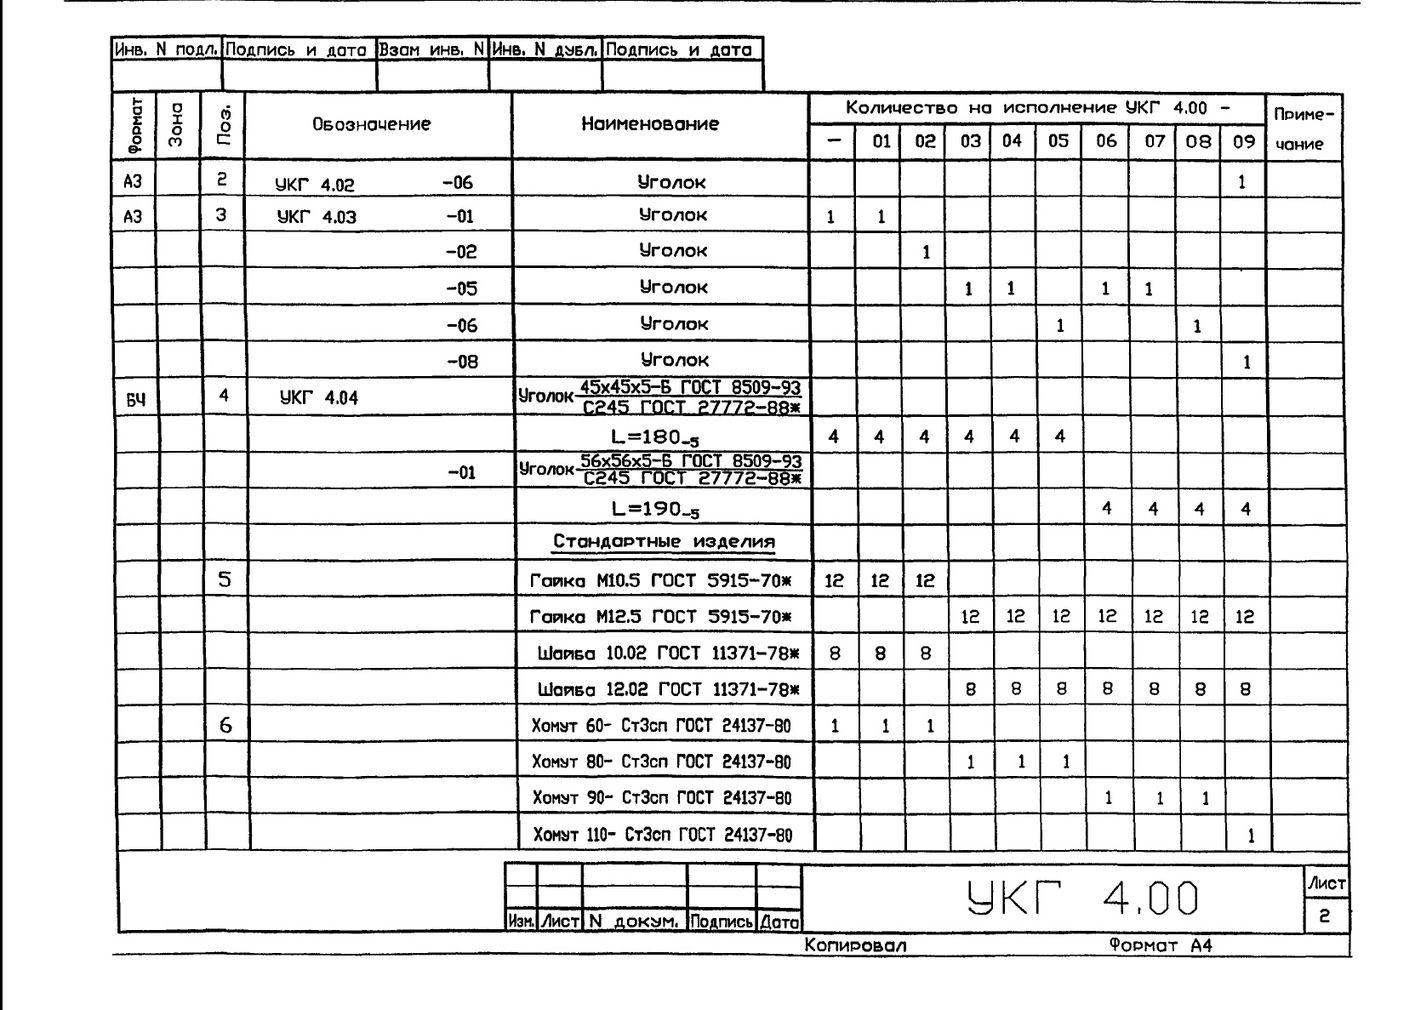 Крепление горизонтального газопровода Ду 50...250 мм к железобетонной колонне УКГ 4.00 СБ серия 5.905-18.05 выпуск 1 стр.3